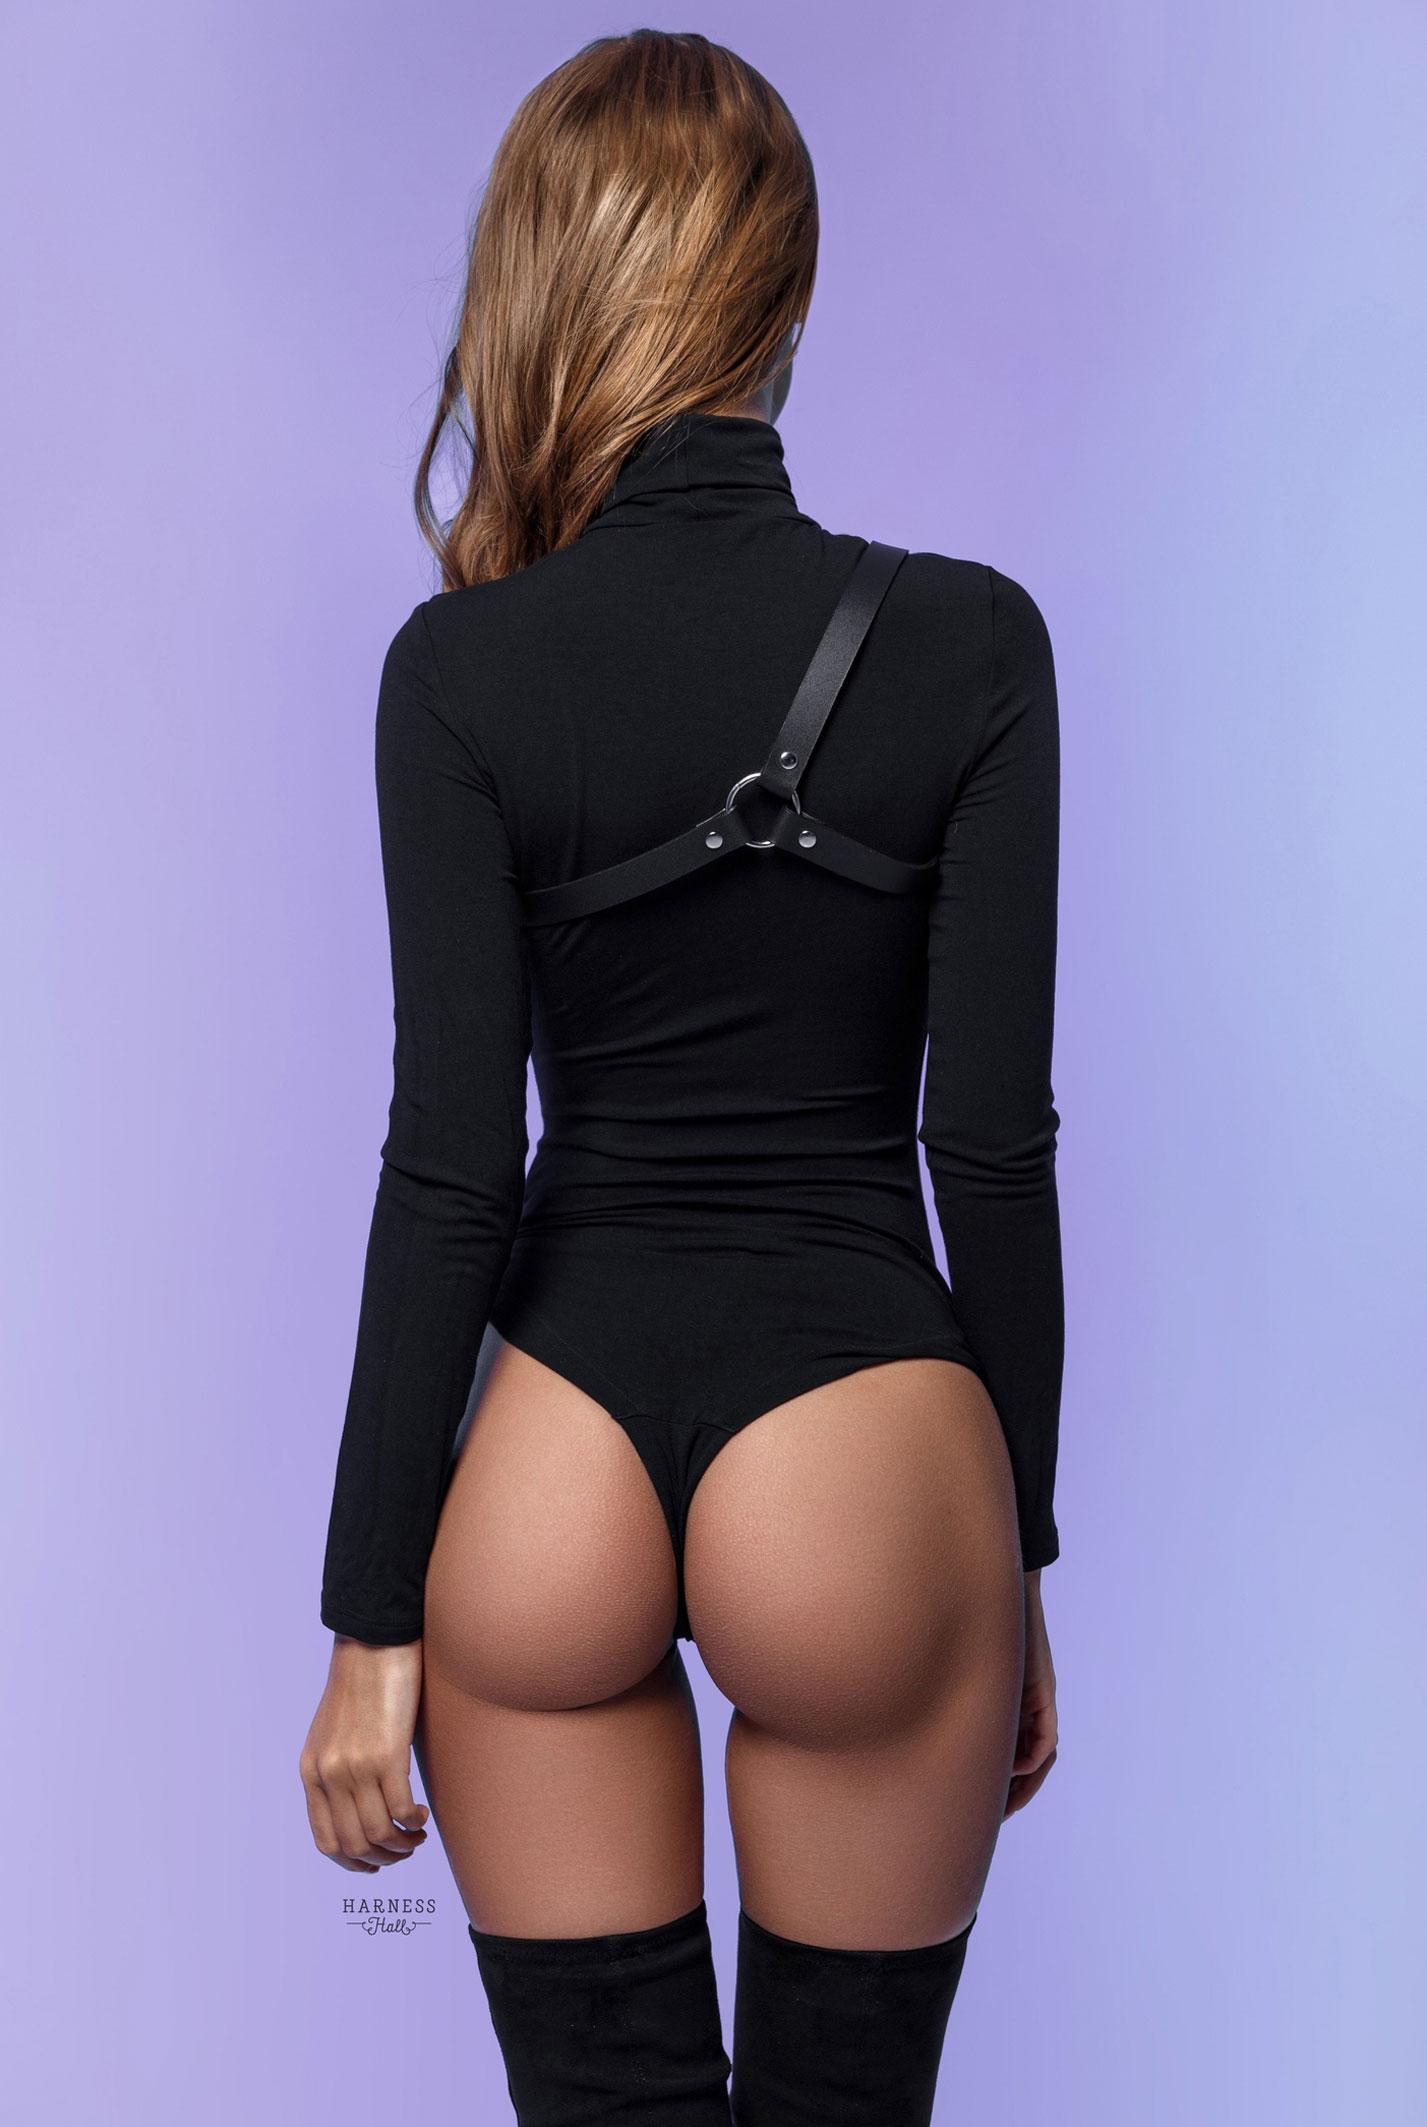 Анастасия Щеглова в нижнем белье Harness Hall, 2018 год / фото 21